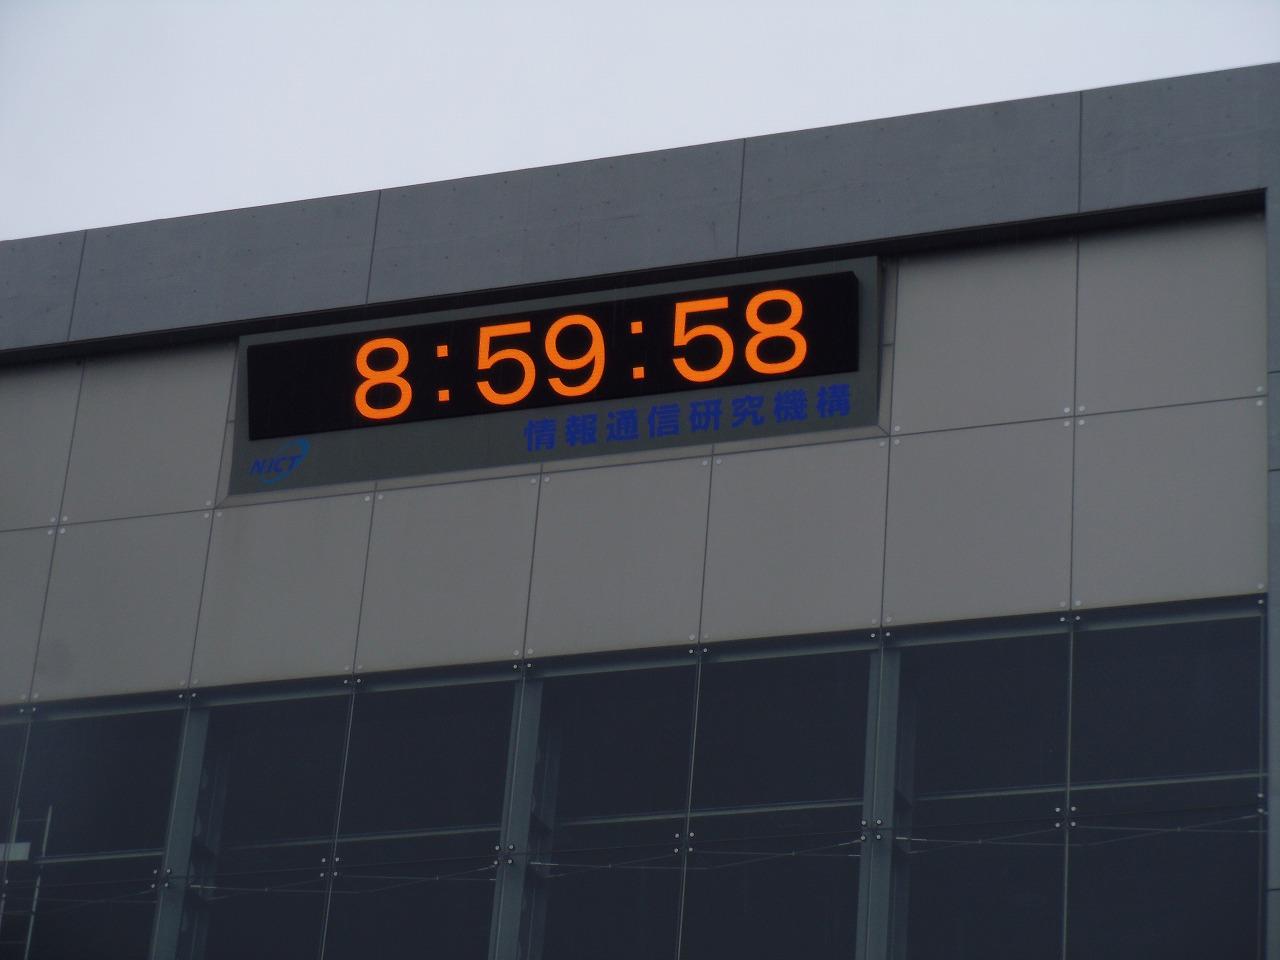 情報通信研究機構 NICT 2015 うるう秒